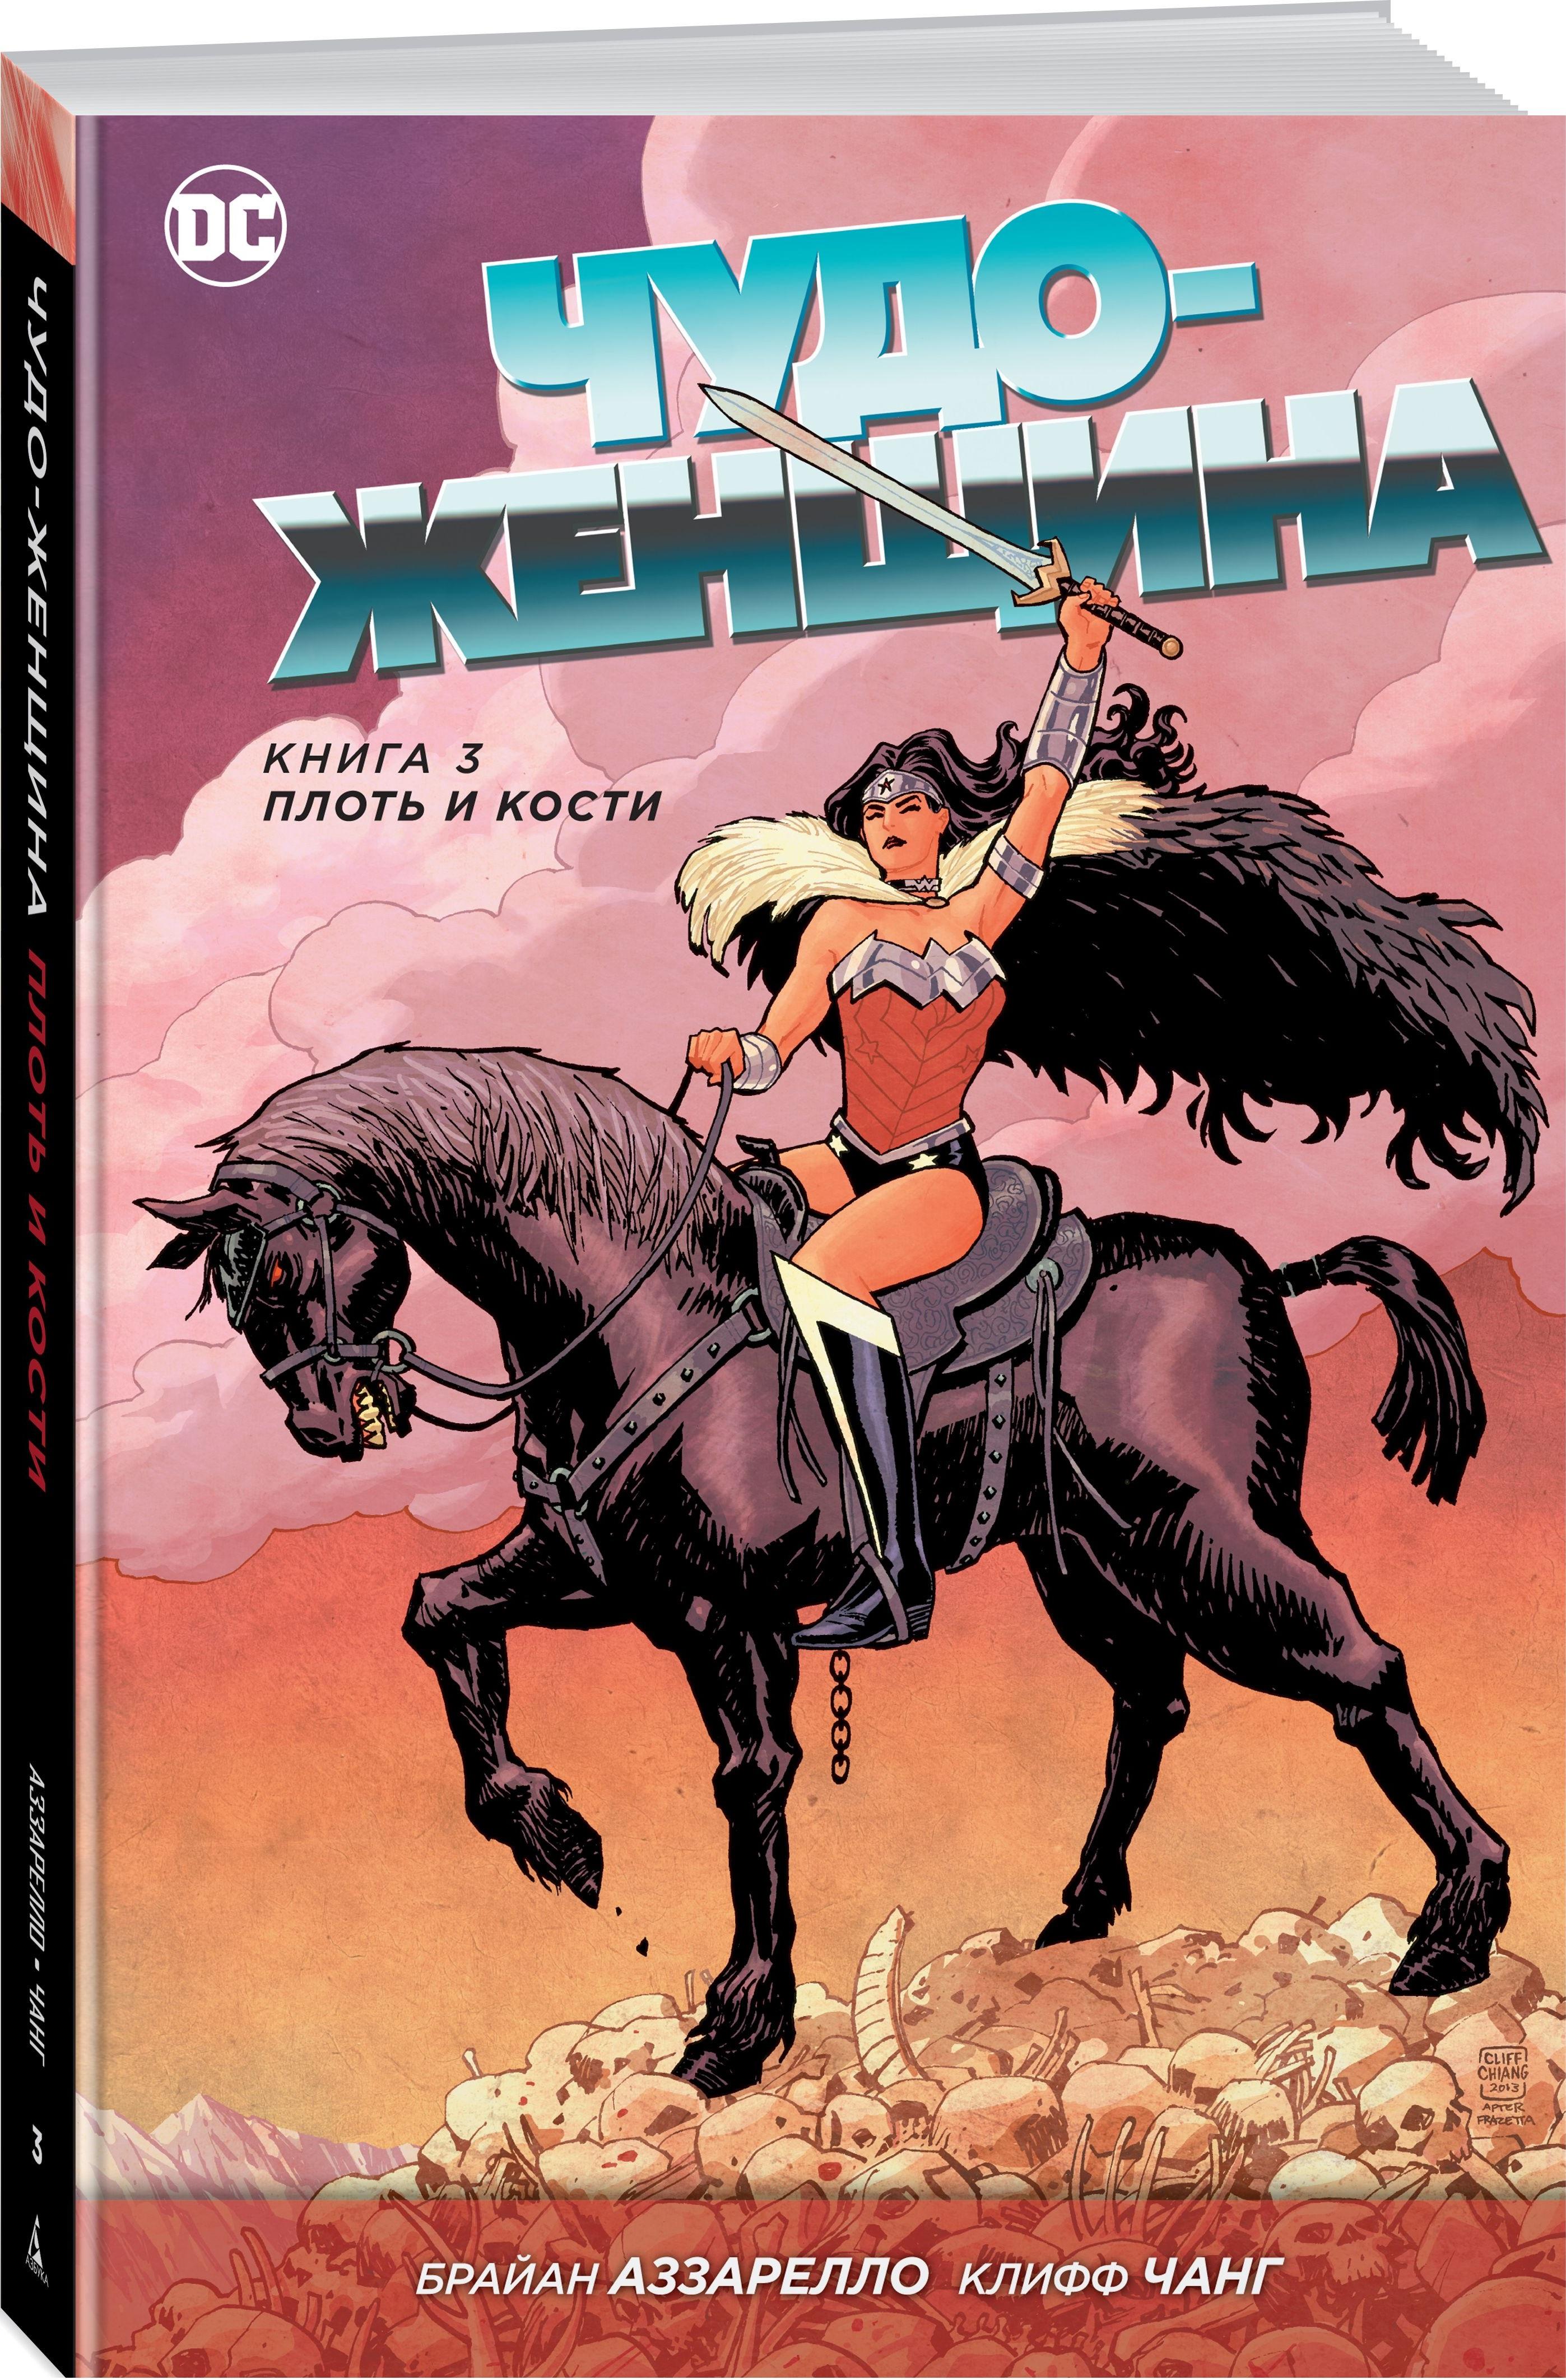 Комикс Чудо-Женщина. Книга 3, Плоть и кости